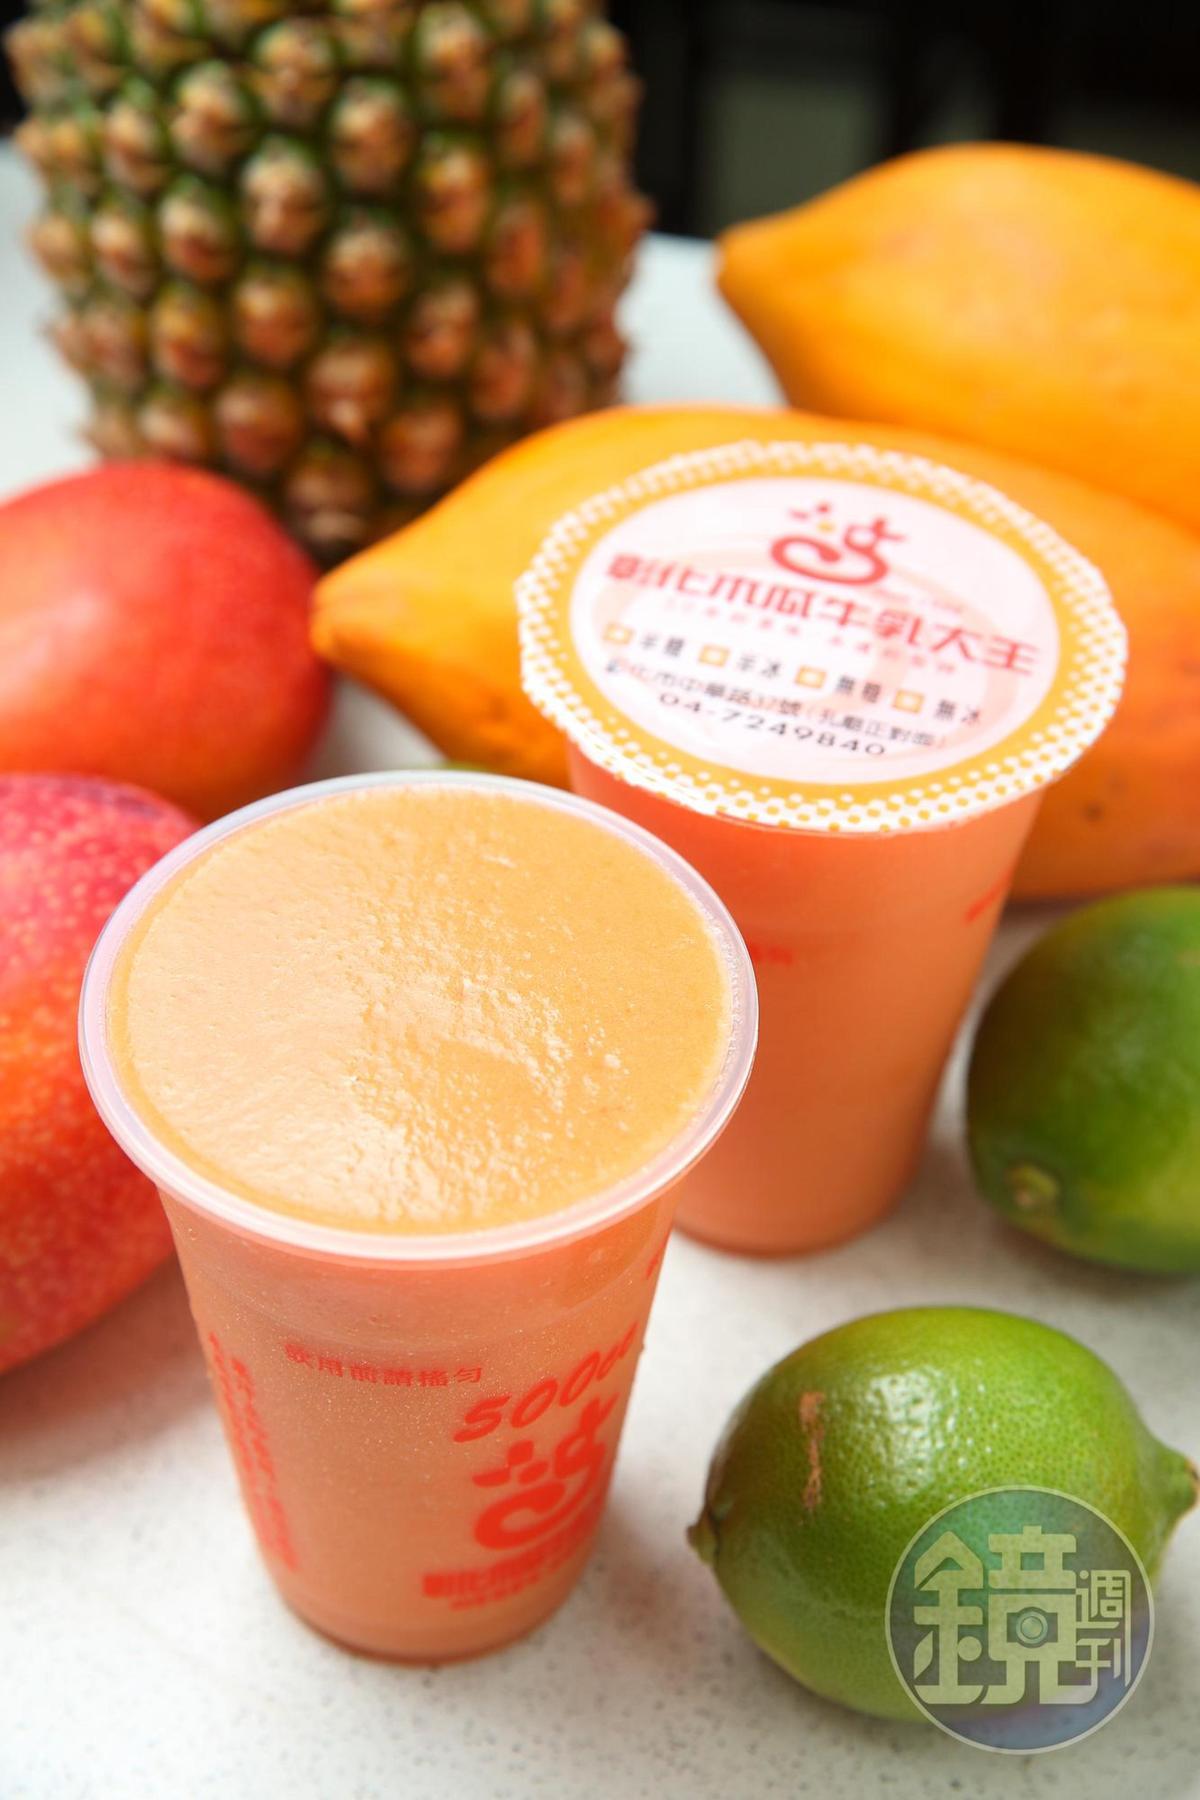 綜合果汁比木瓜牛乳更早開賣,獨家配方,固定選用五種水果。